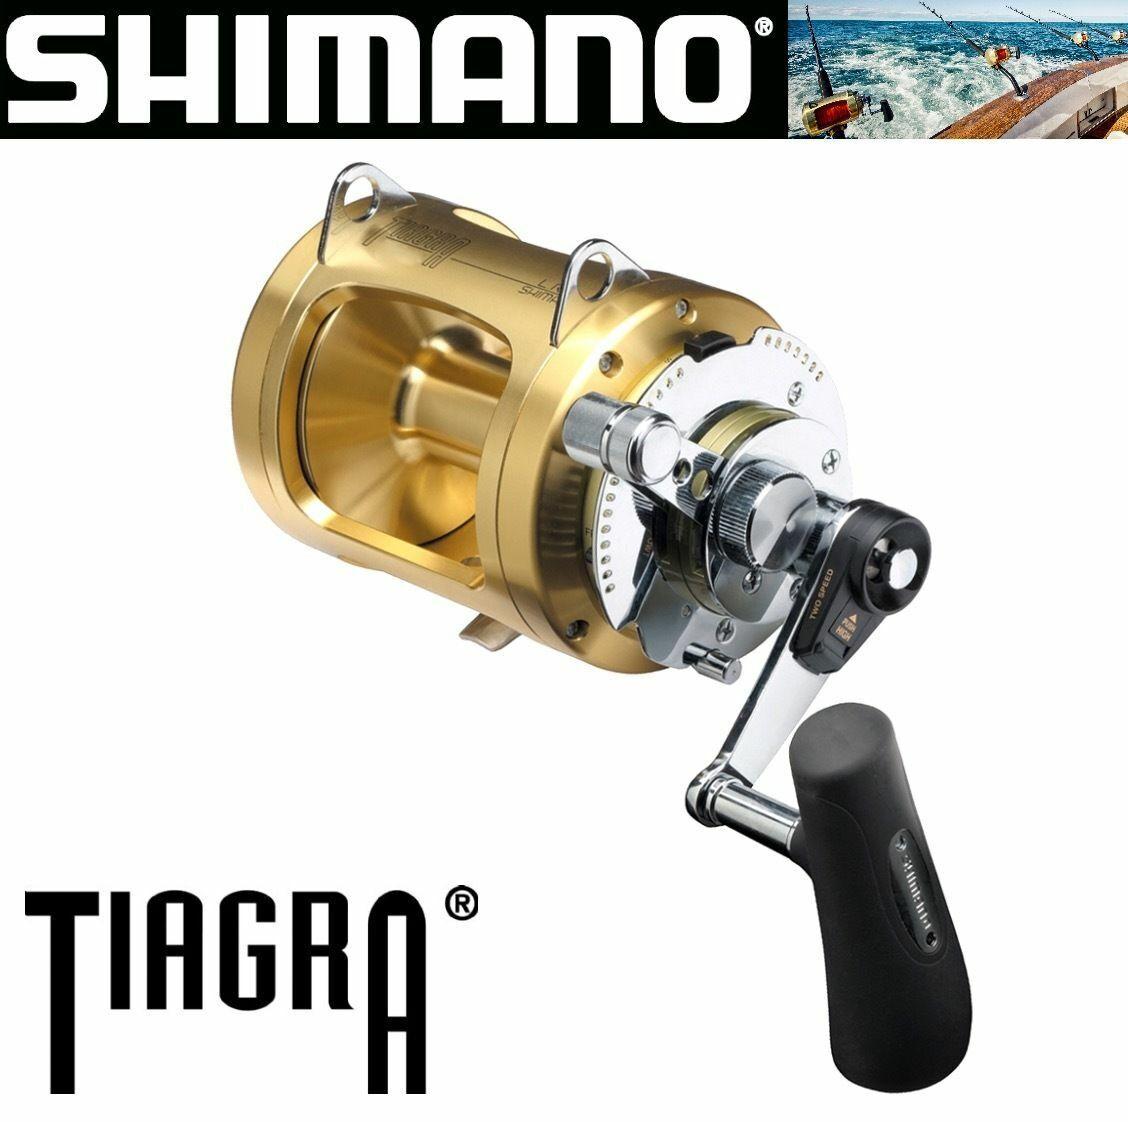 Shimano Tiagra 50W LRSA Gran Juego Carrete